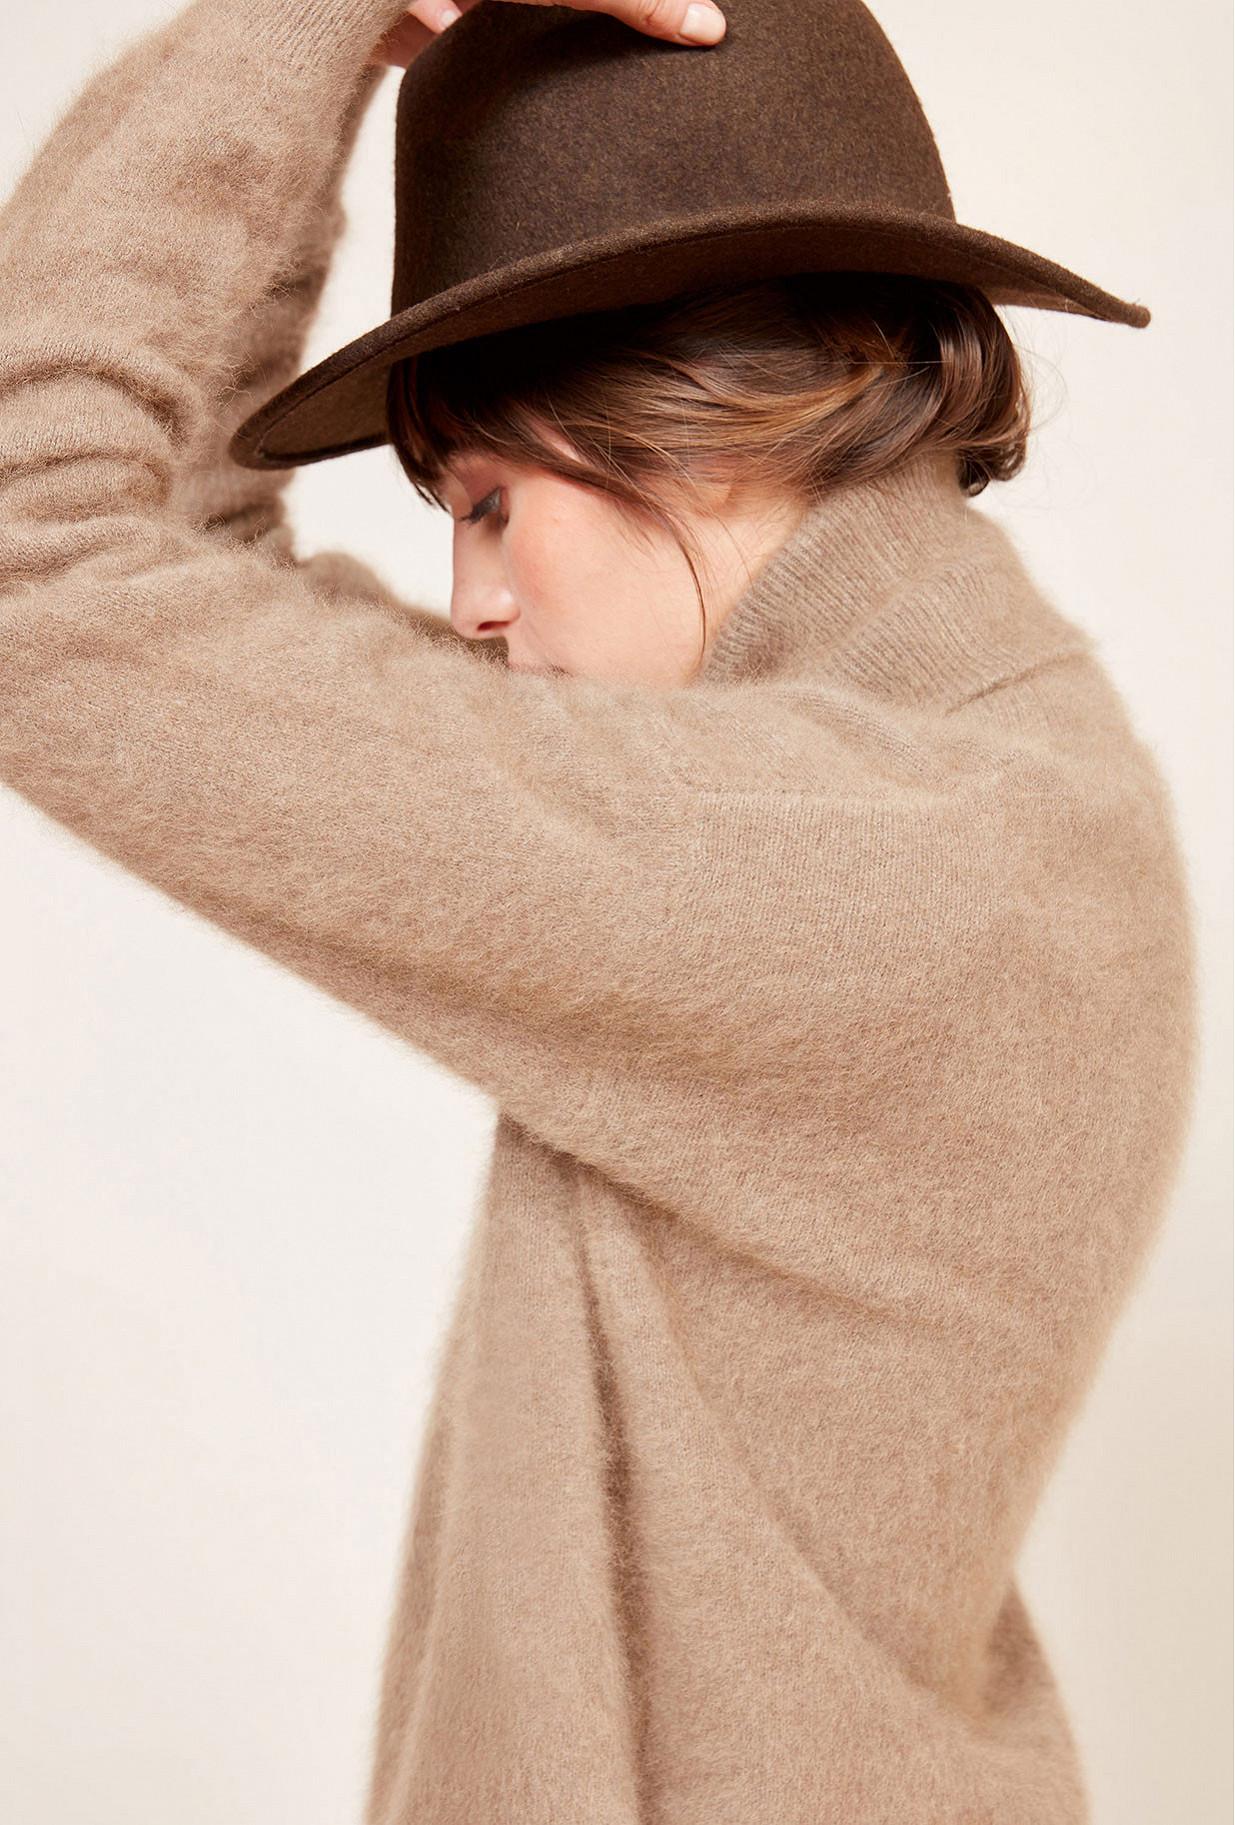 Taupe  Sweater  Ernest Mes demoiselles fashion clothes designer Paris